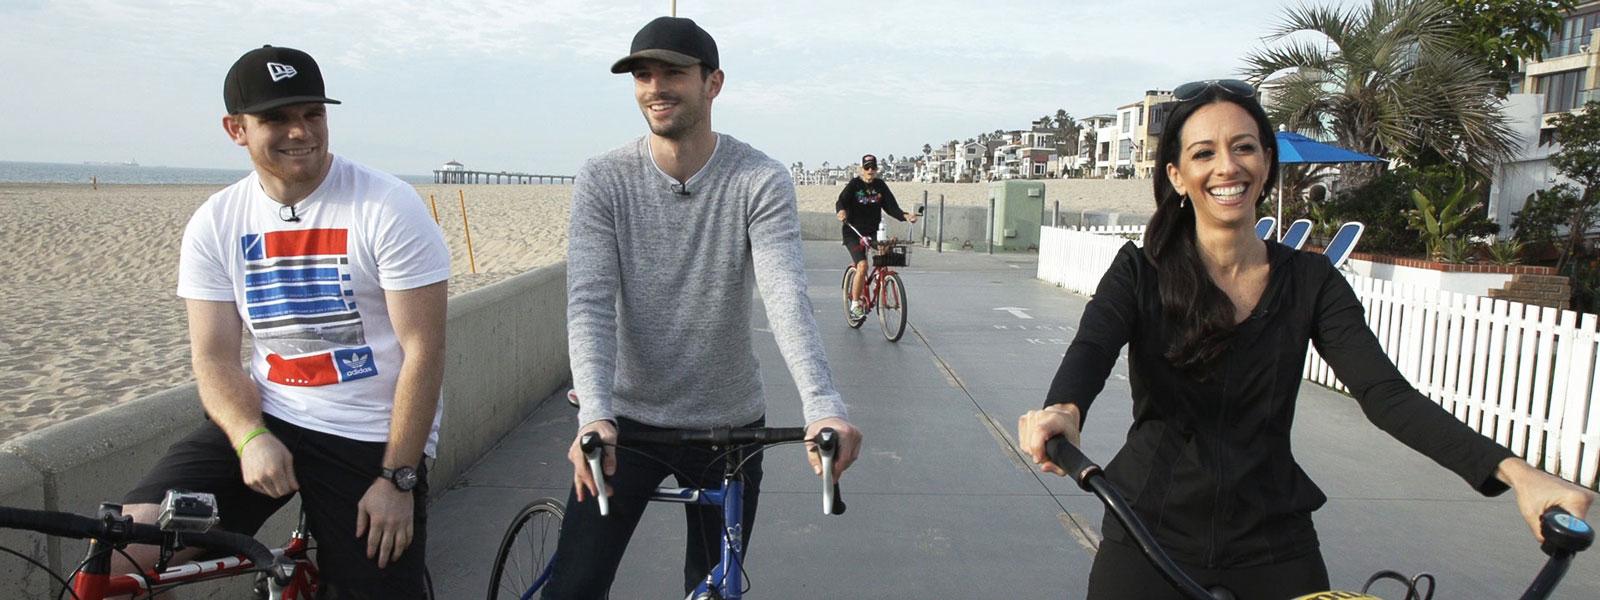 Alexander Rossi & Conor Daly